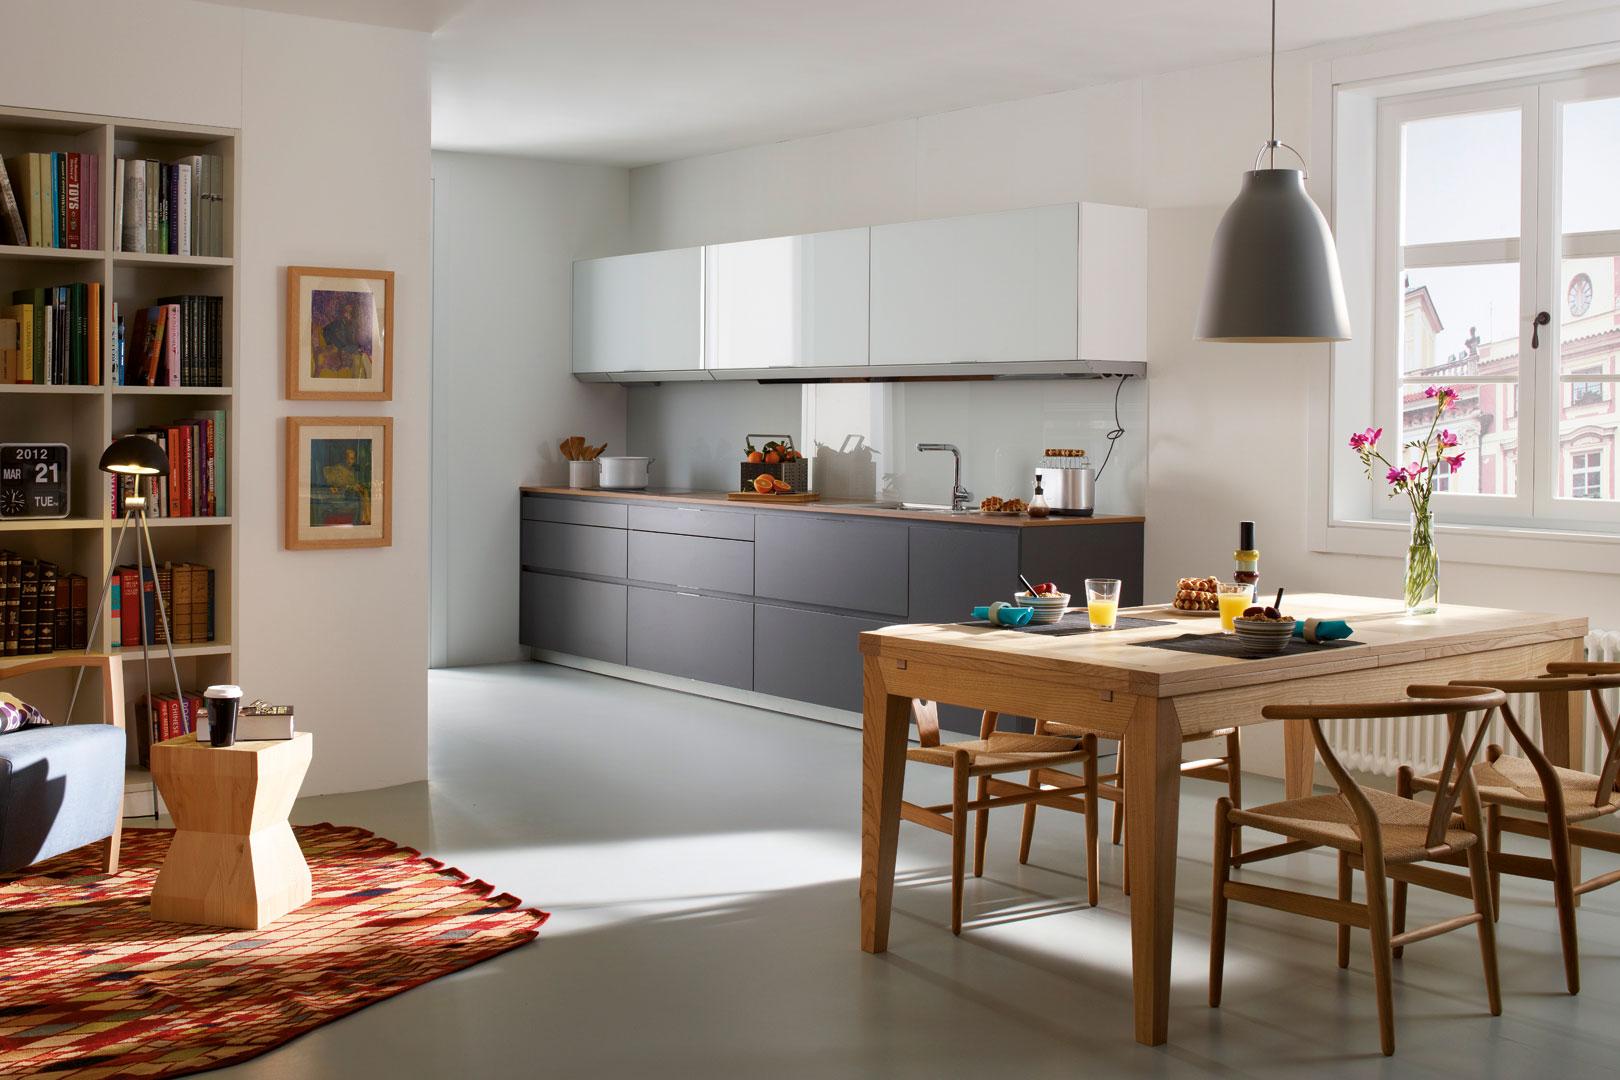 Encimeras de cocina c mo elegir la m s adecuada cocinas - Encimeras de cocina materiales ...